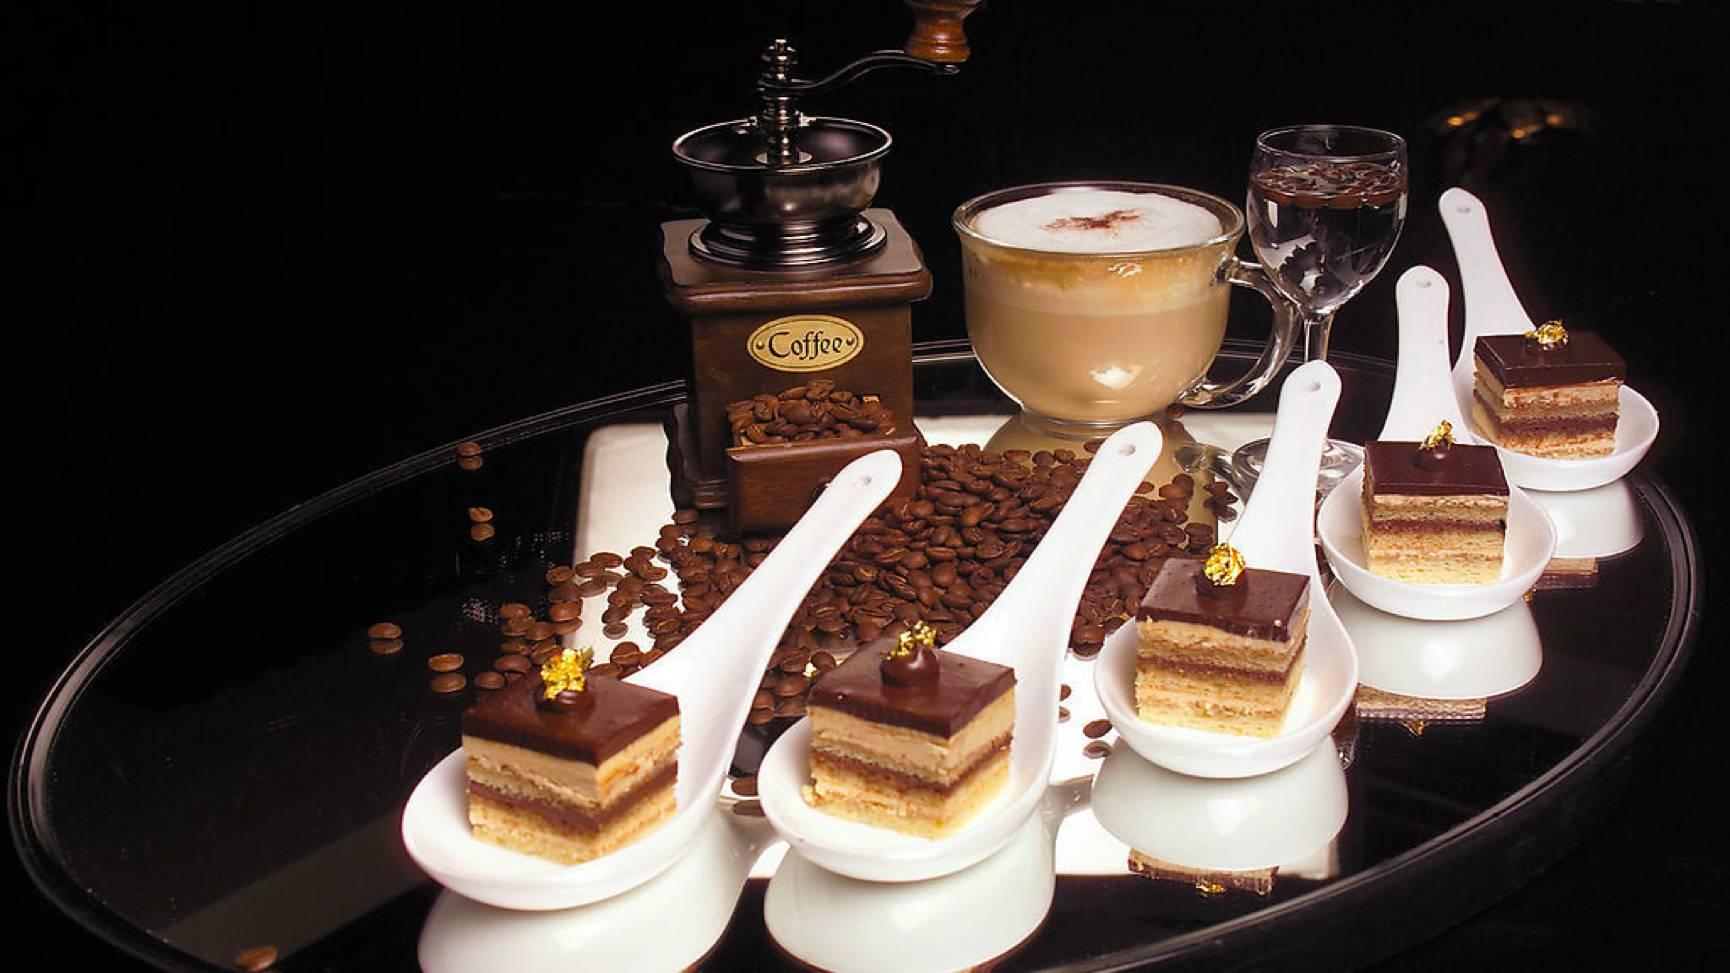 咖啡豆的烘焙程度怎么选择?轻度烘焙跟重度烘焙哪种程度更好喝?